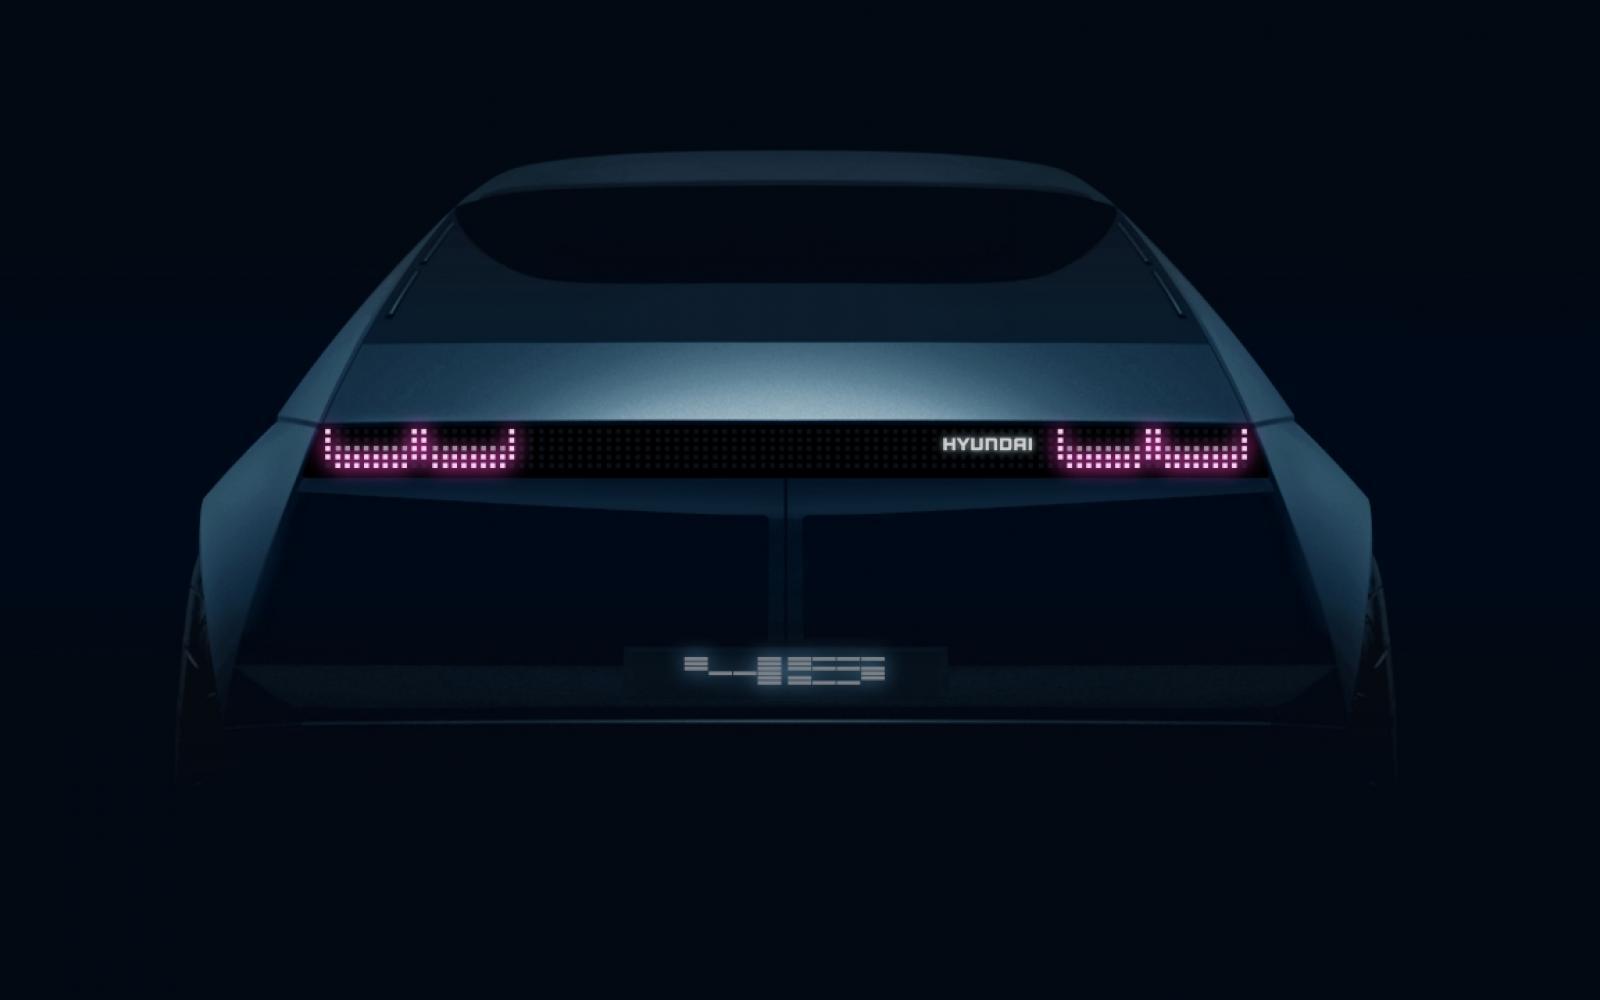 De Hyundai [45] wordt zo jaren zeventig als wijde pijpen